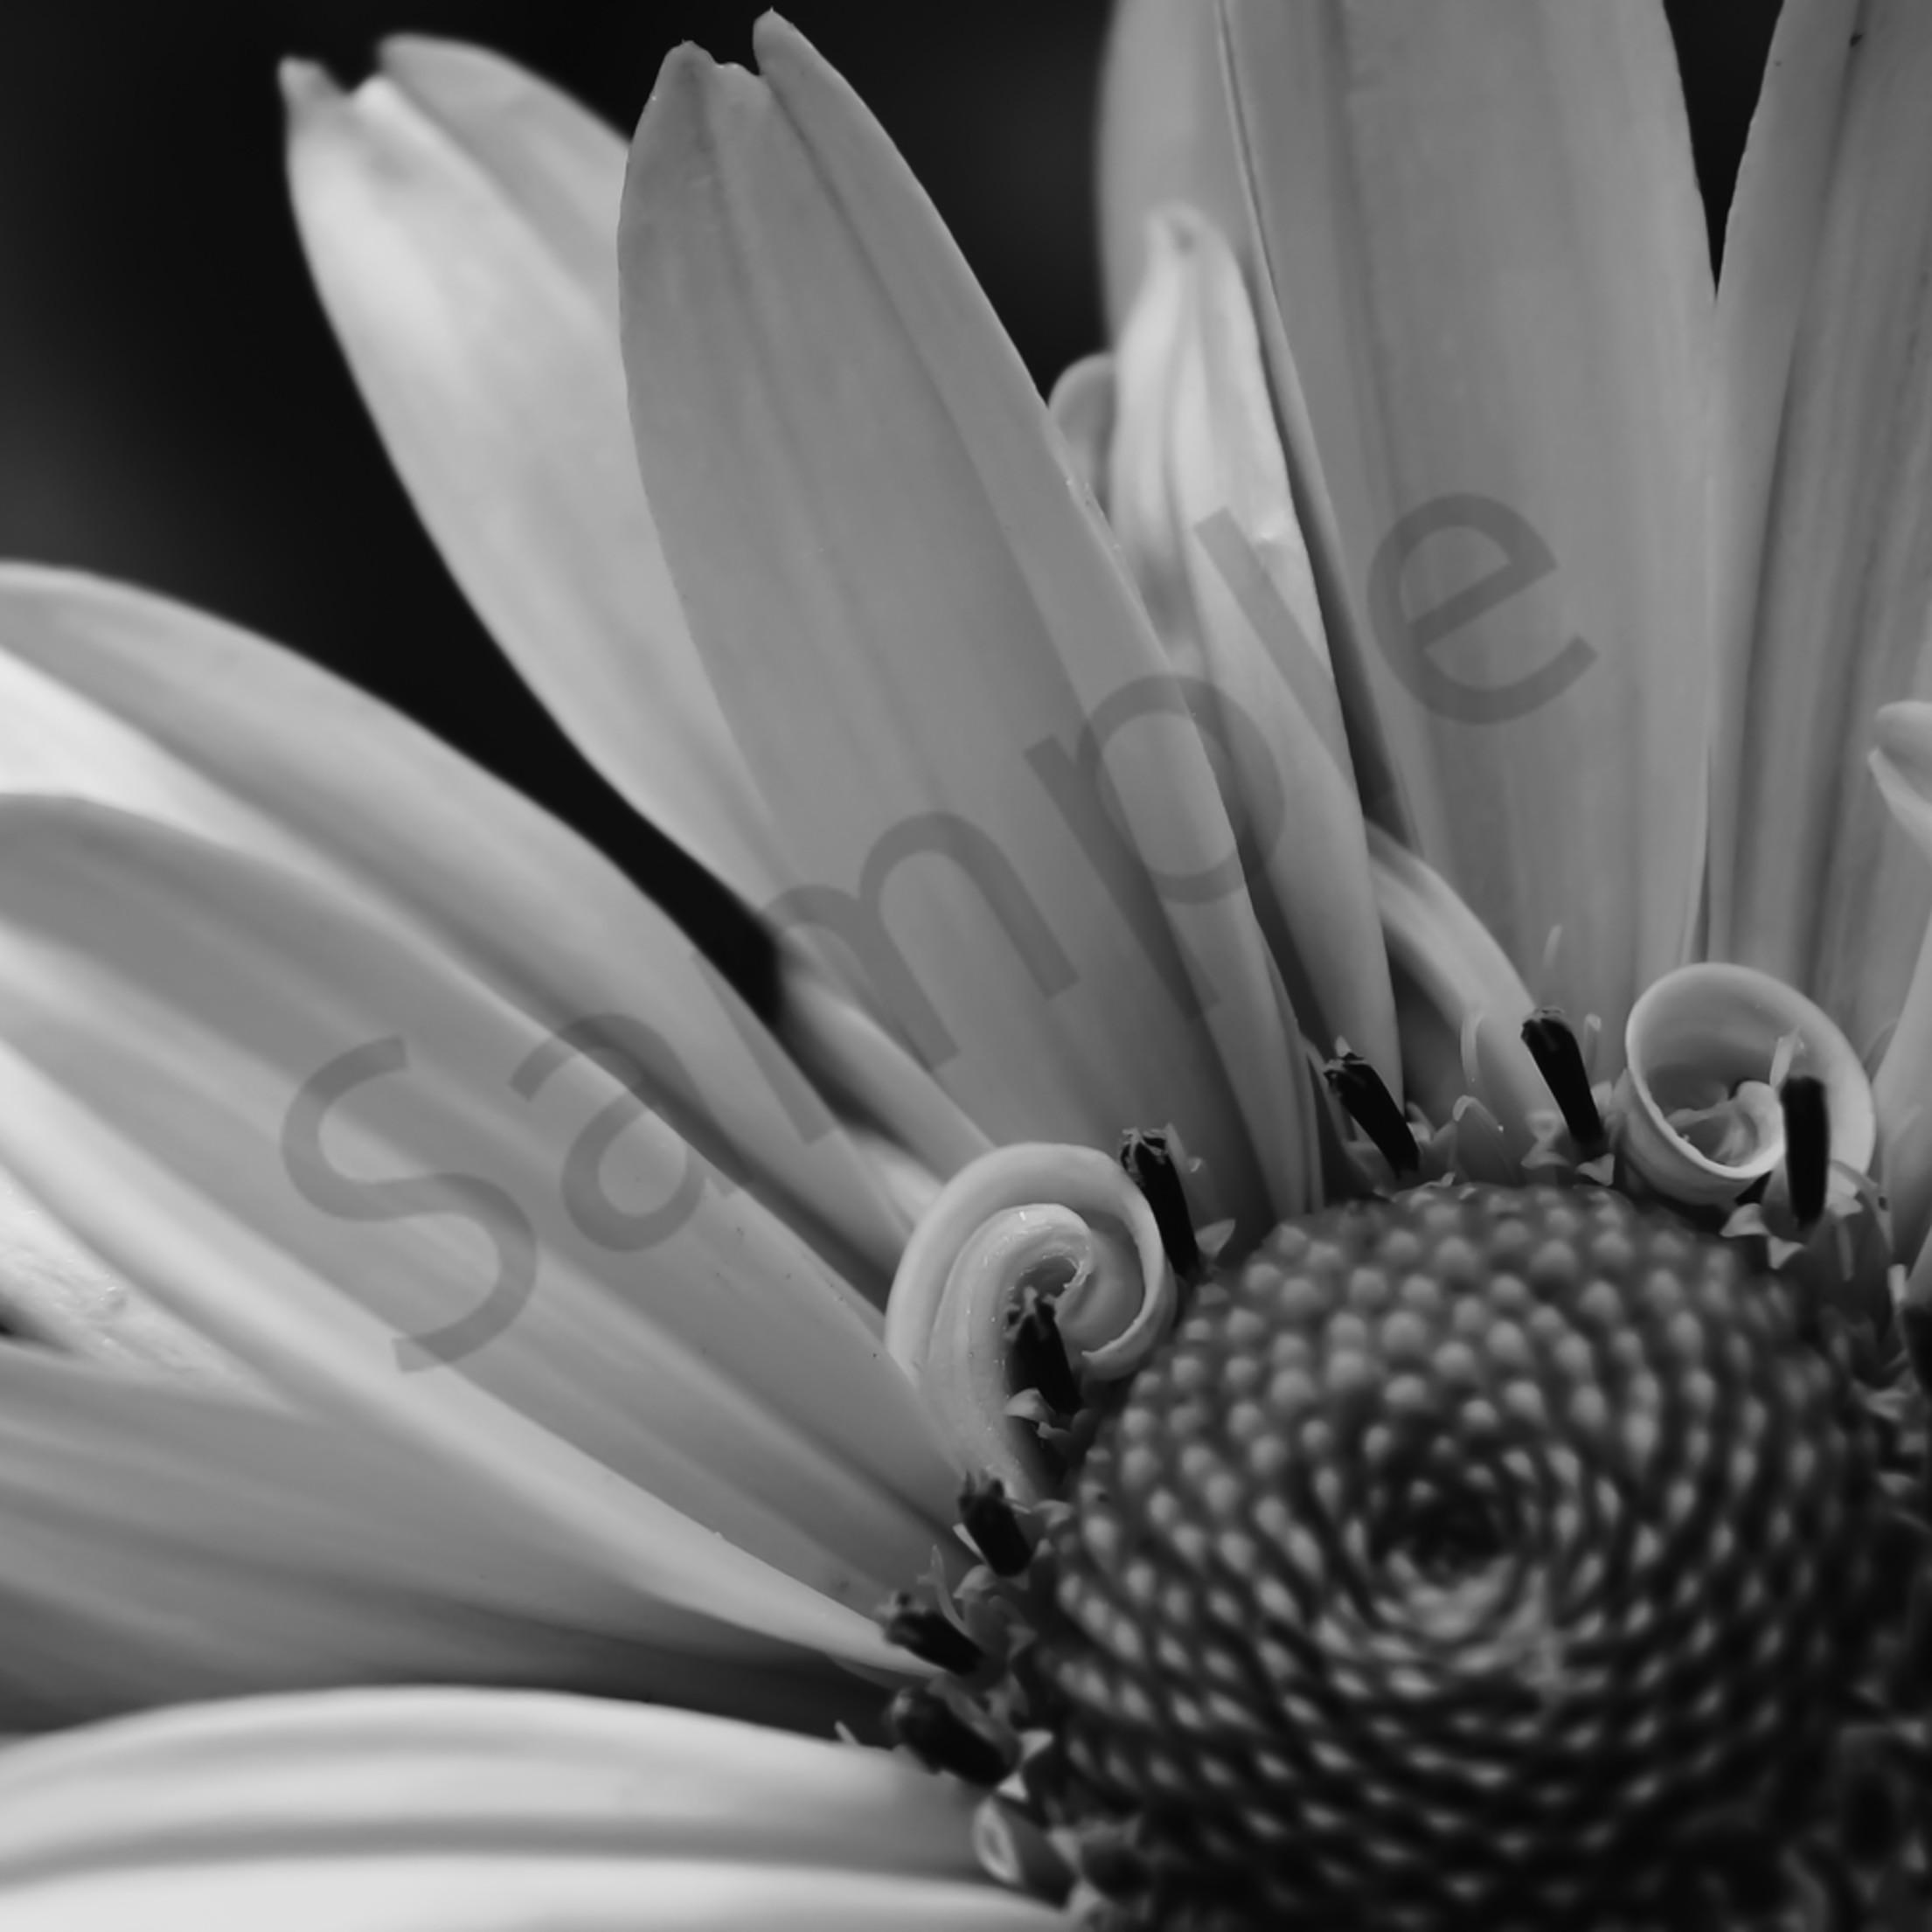 Petal curls in a daisy tvbffr